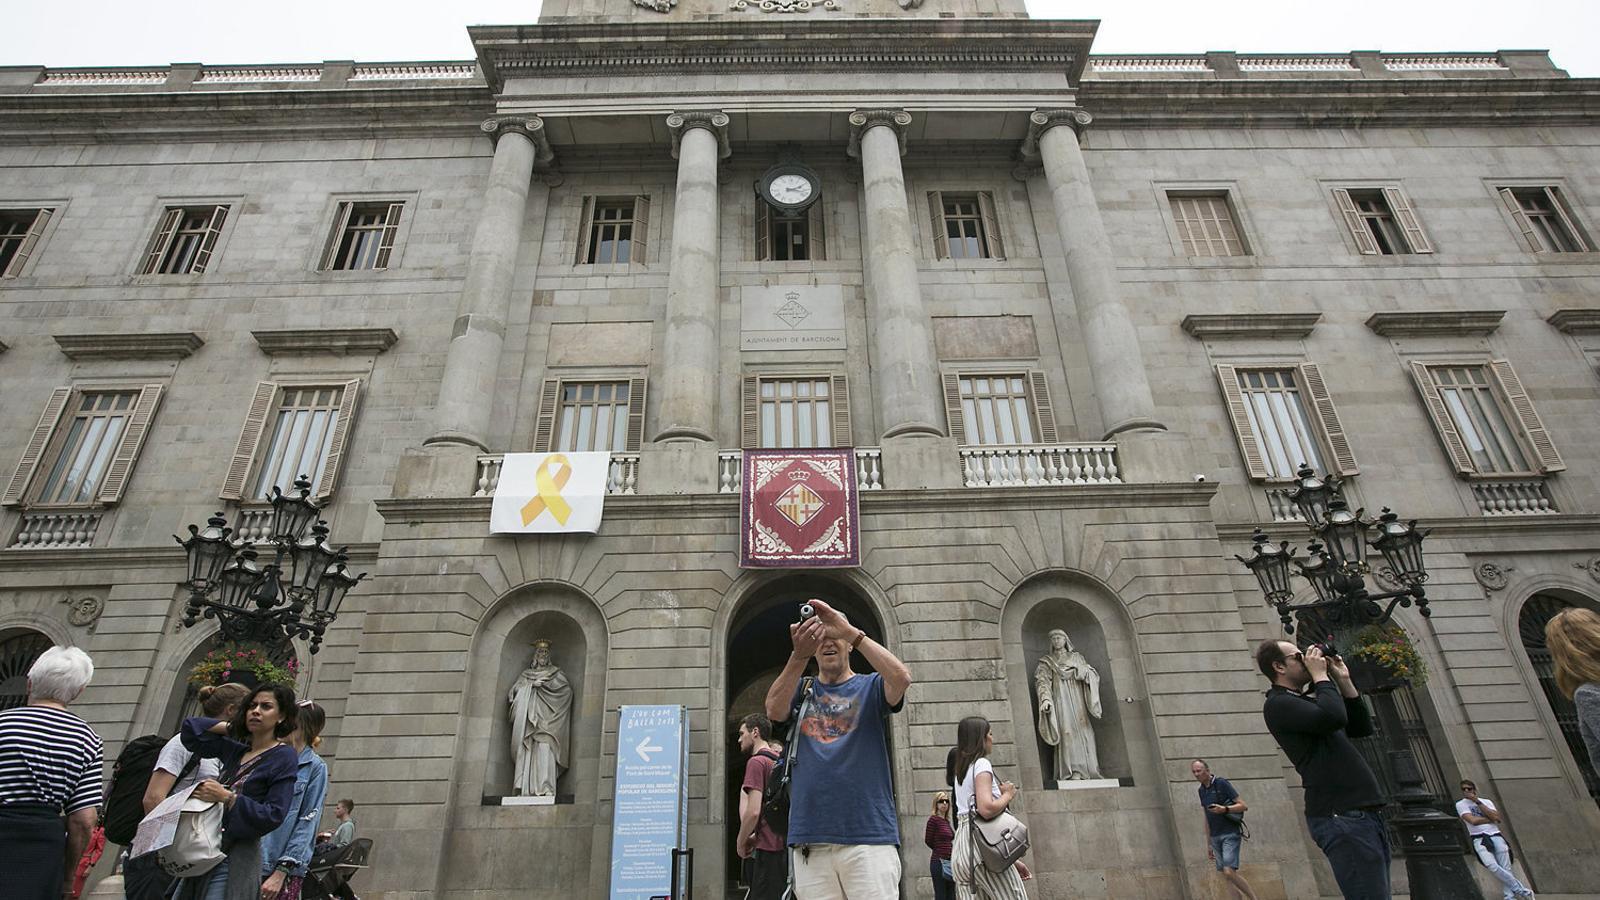 Quatre identificats per intentar retirar el llaç groc del Palau de la Generalitat